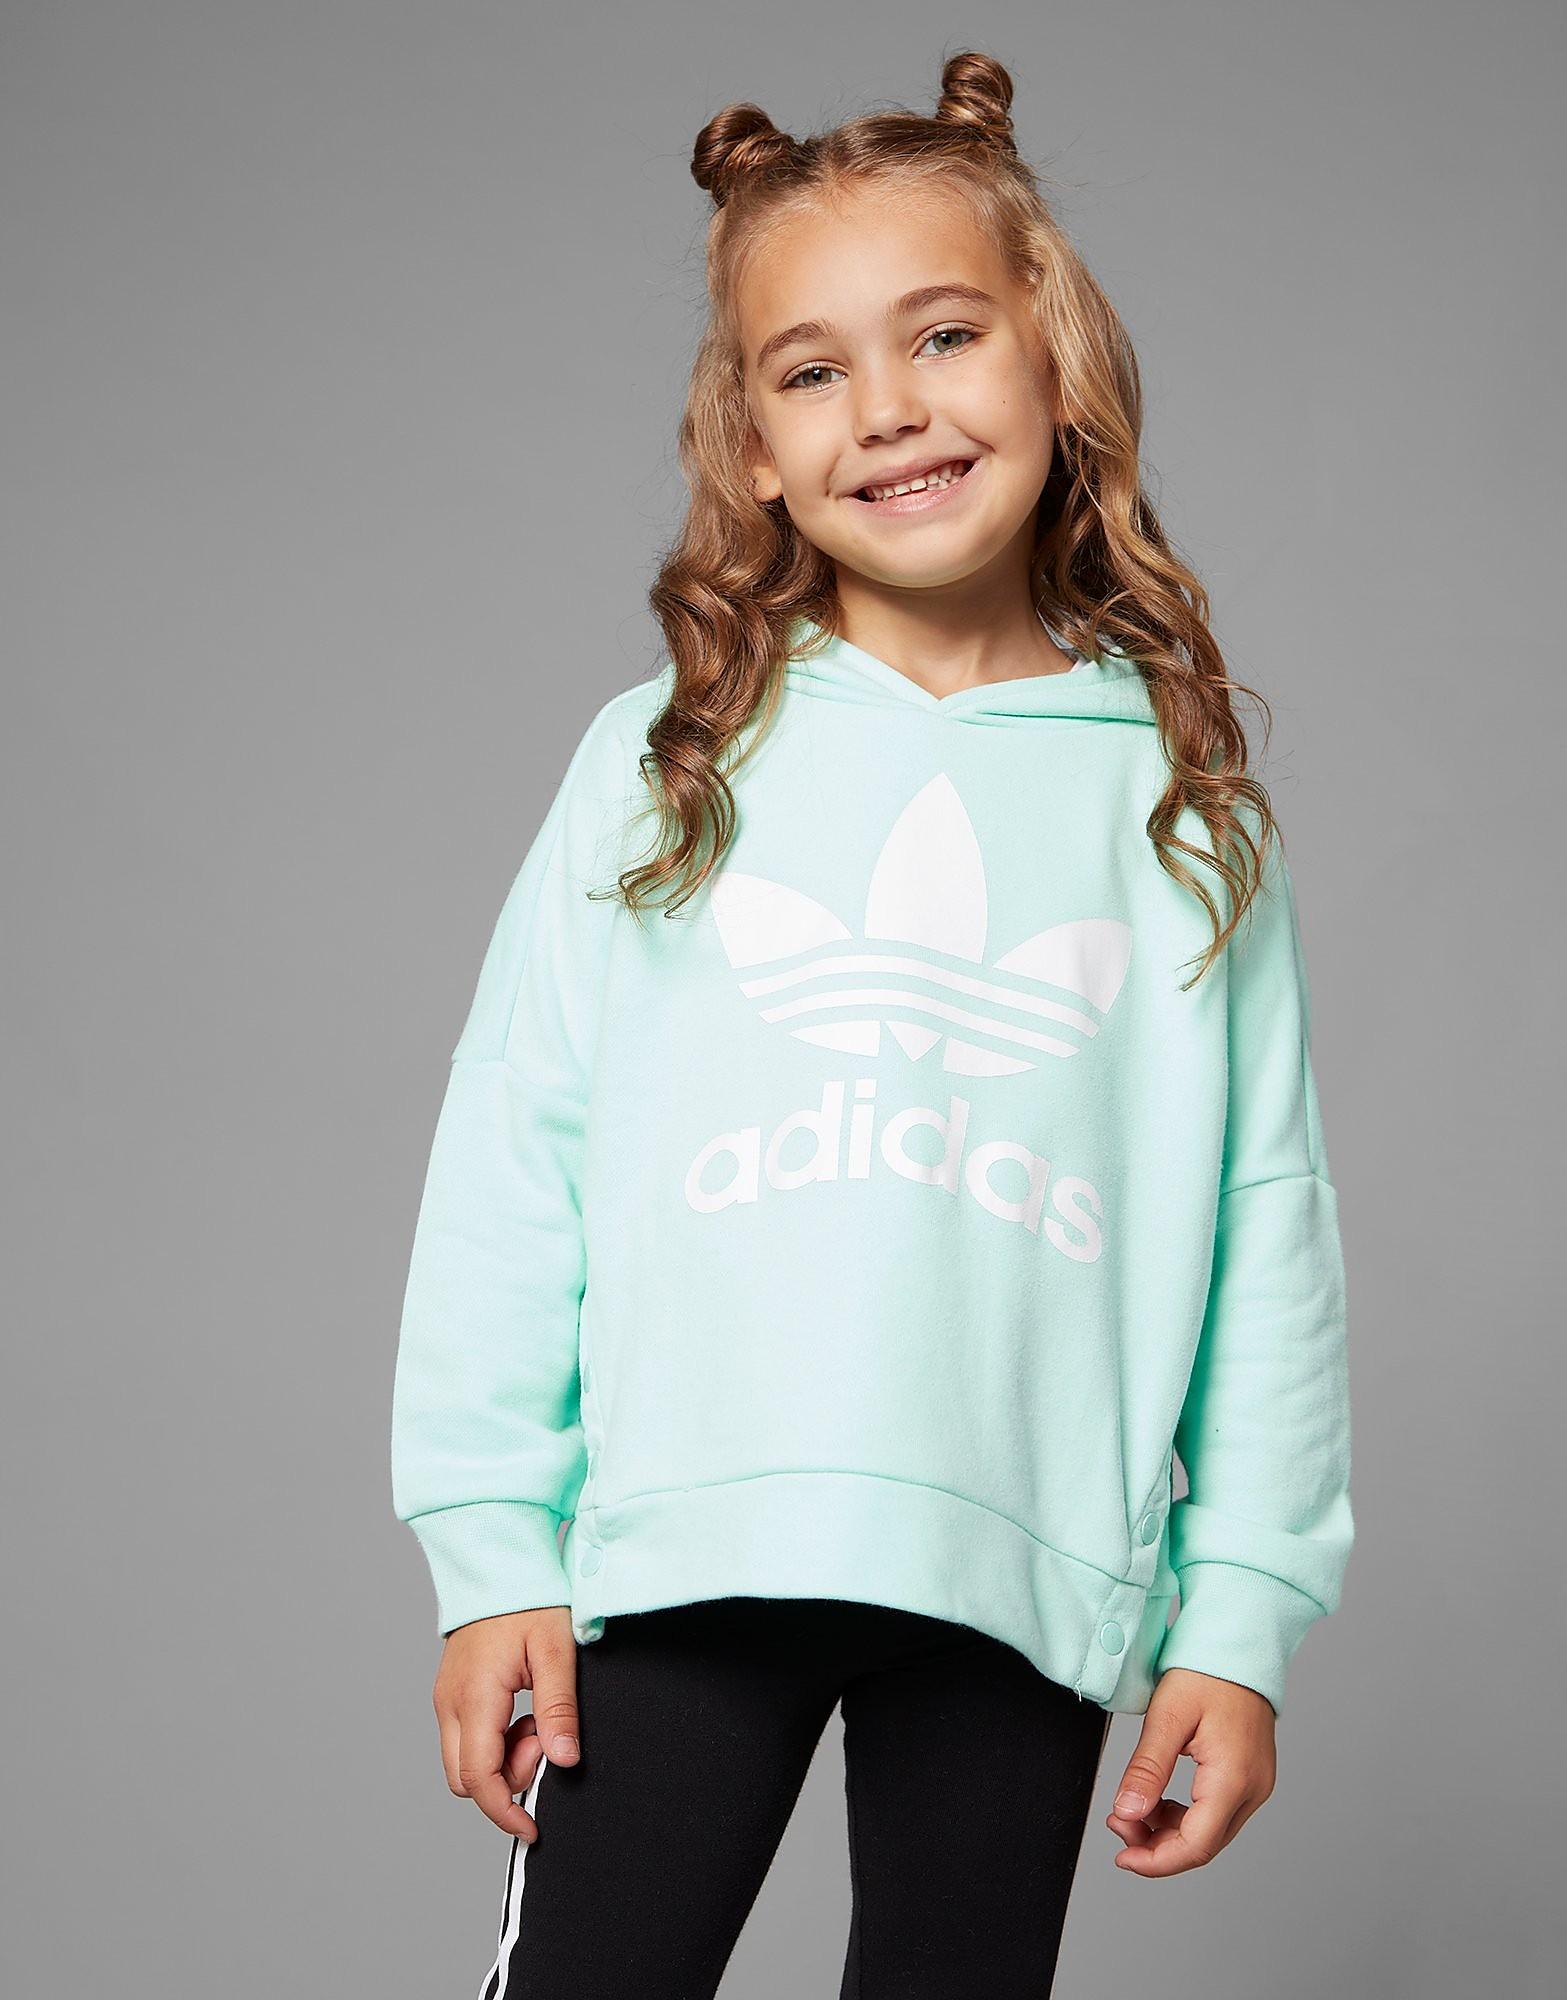 adidas Girls' Trefoil Snap Hoodie Children - Blauw - Kind